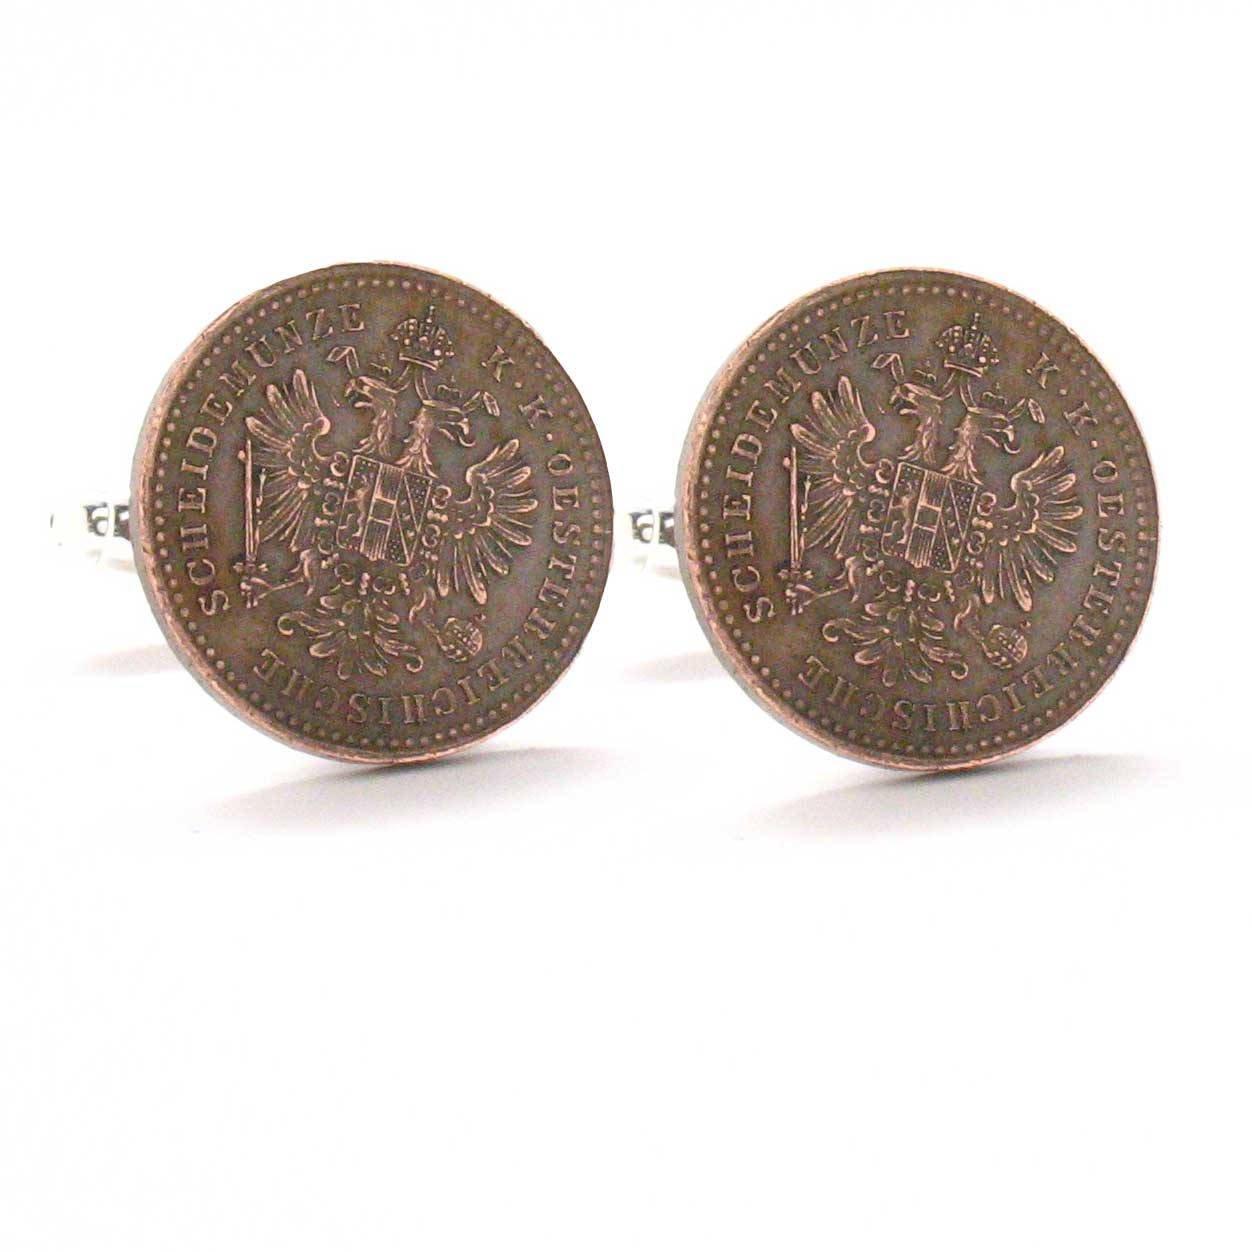 Austria Coins Cufflinks Cuff Links Europe Germany Austrian Souvenir Manschettenknöpfe Österreich